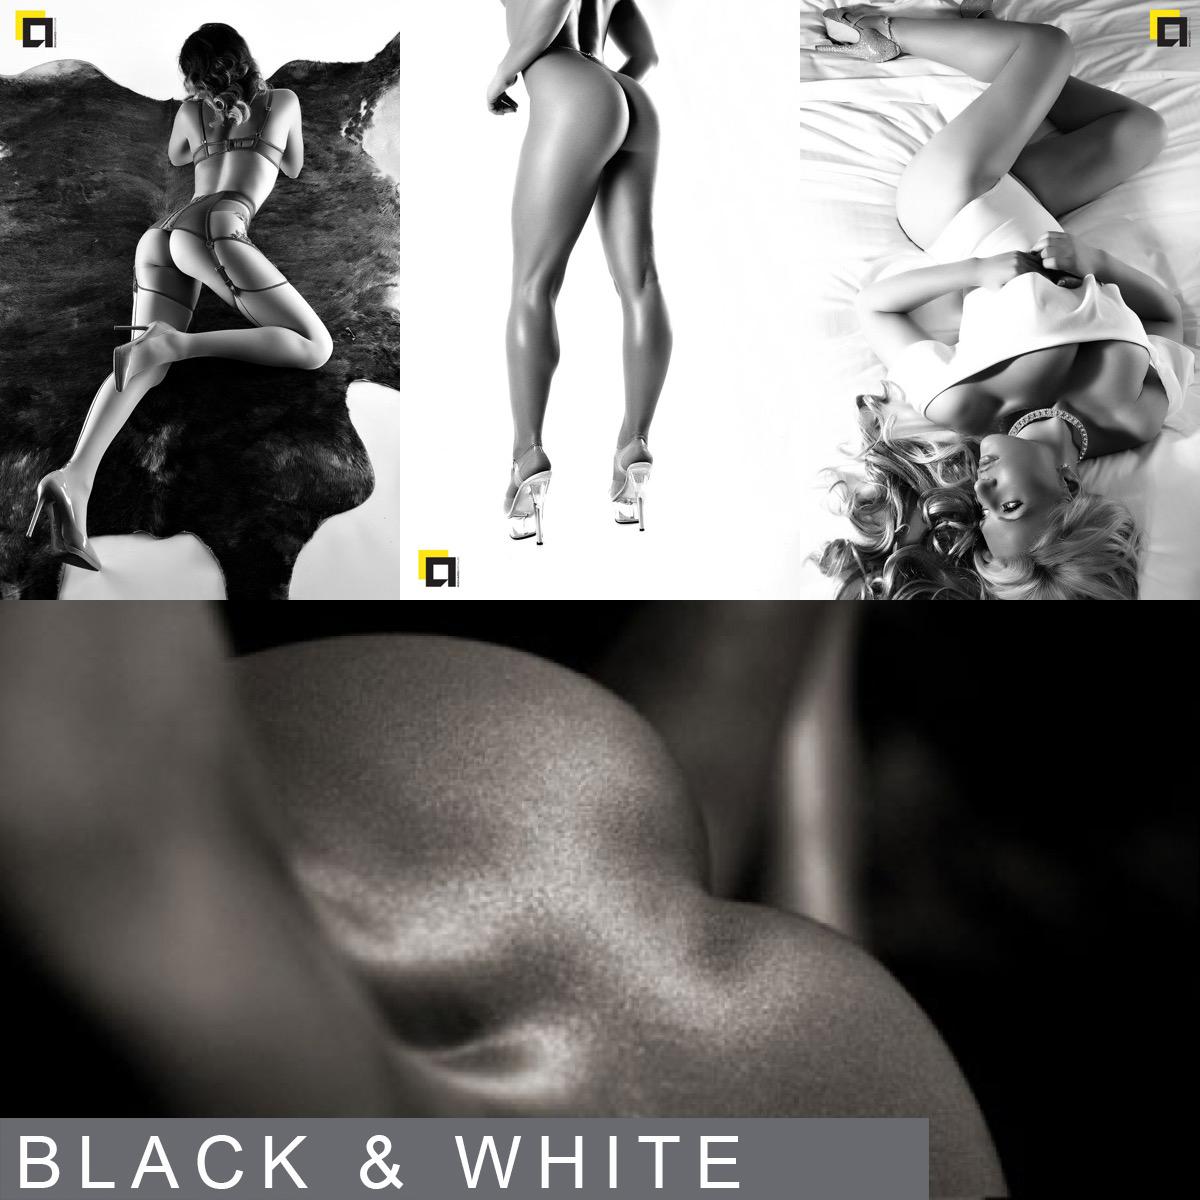 BLACK ABD WHITE.jpg